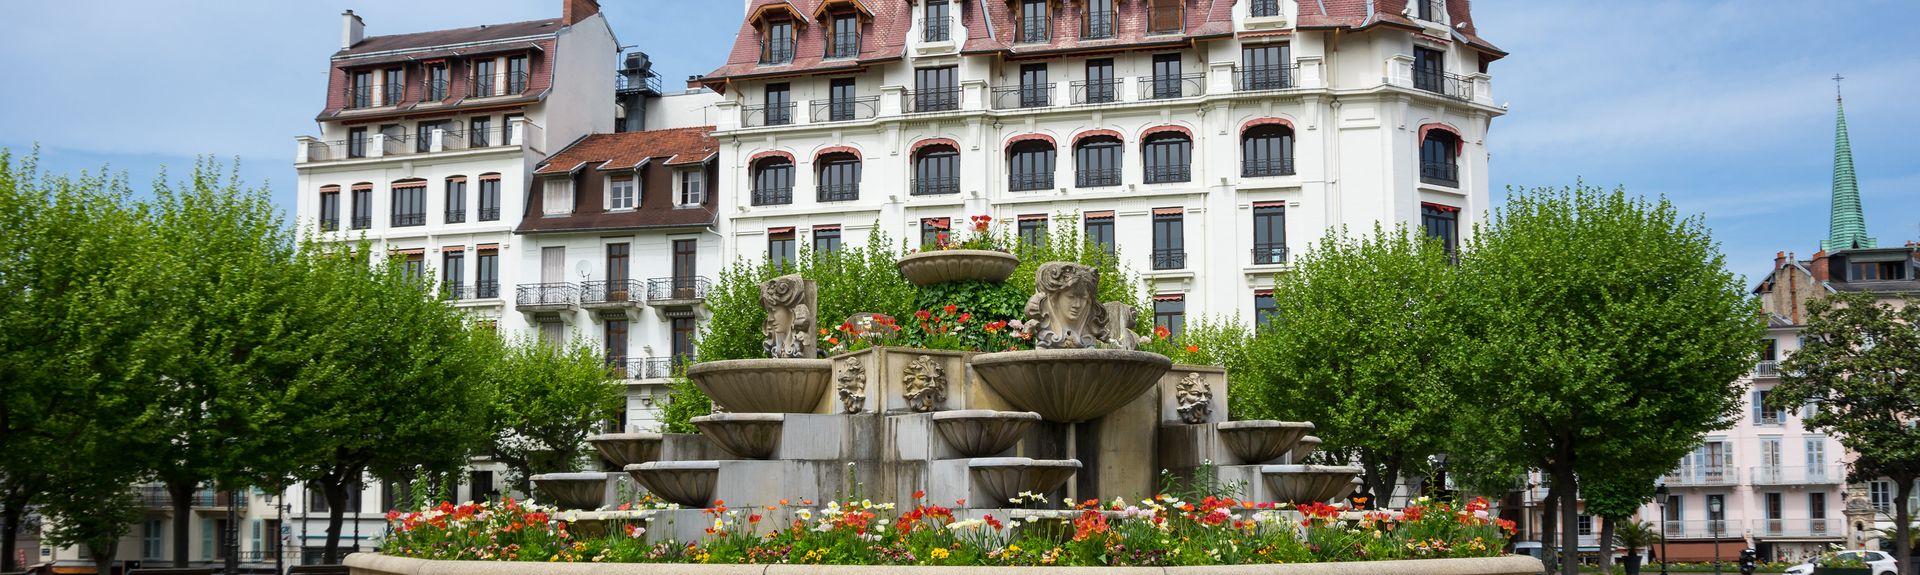 Aix-les-Bains, Savoie (department), France